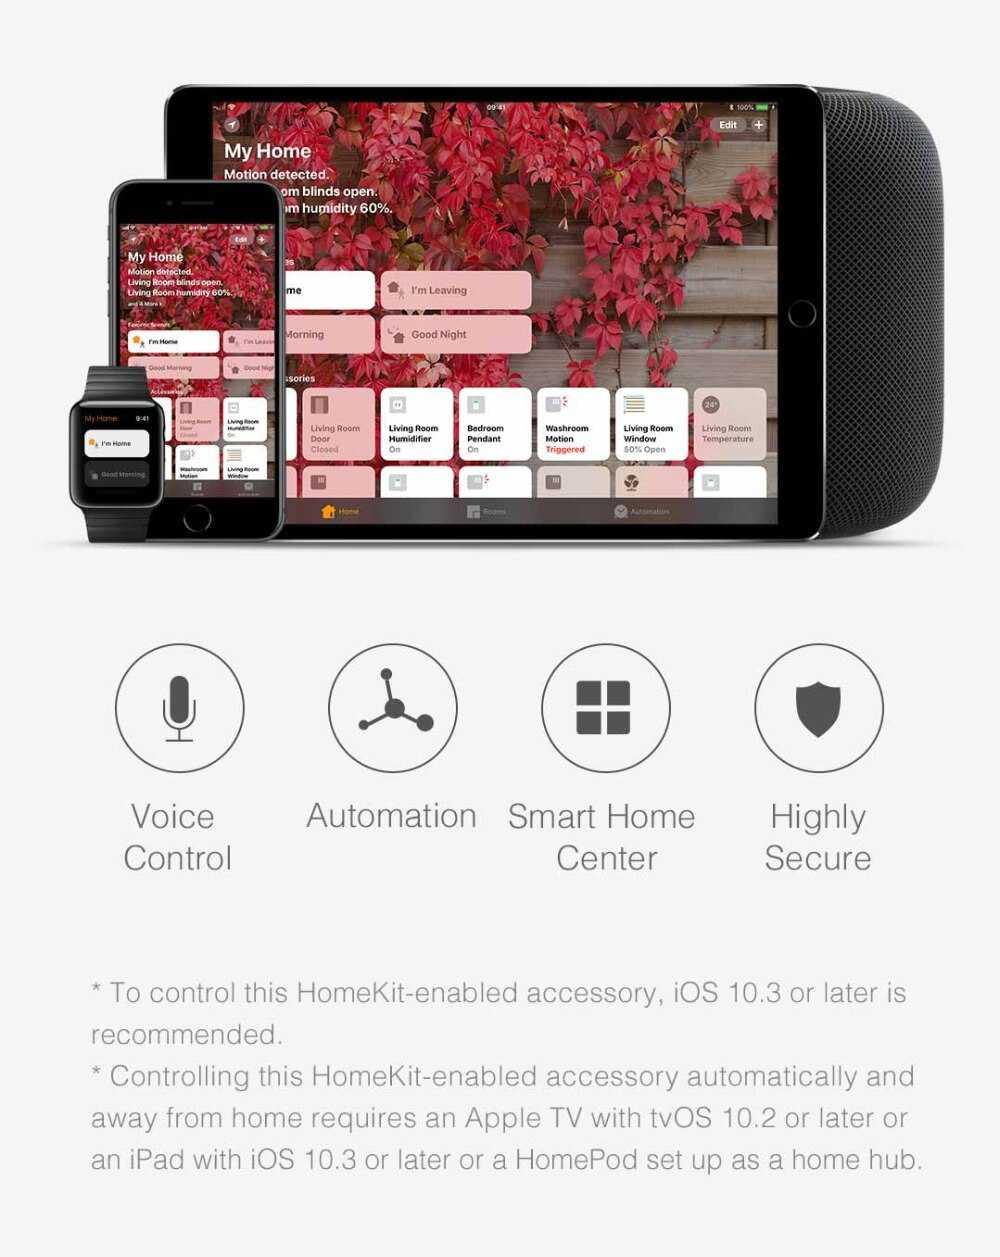 Apple homekit - умный дом, как подключить акссессуары и устройства